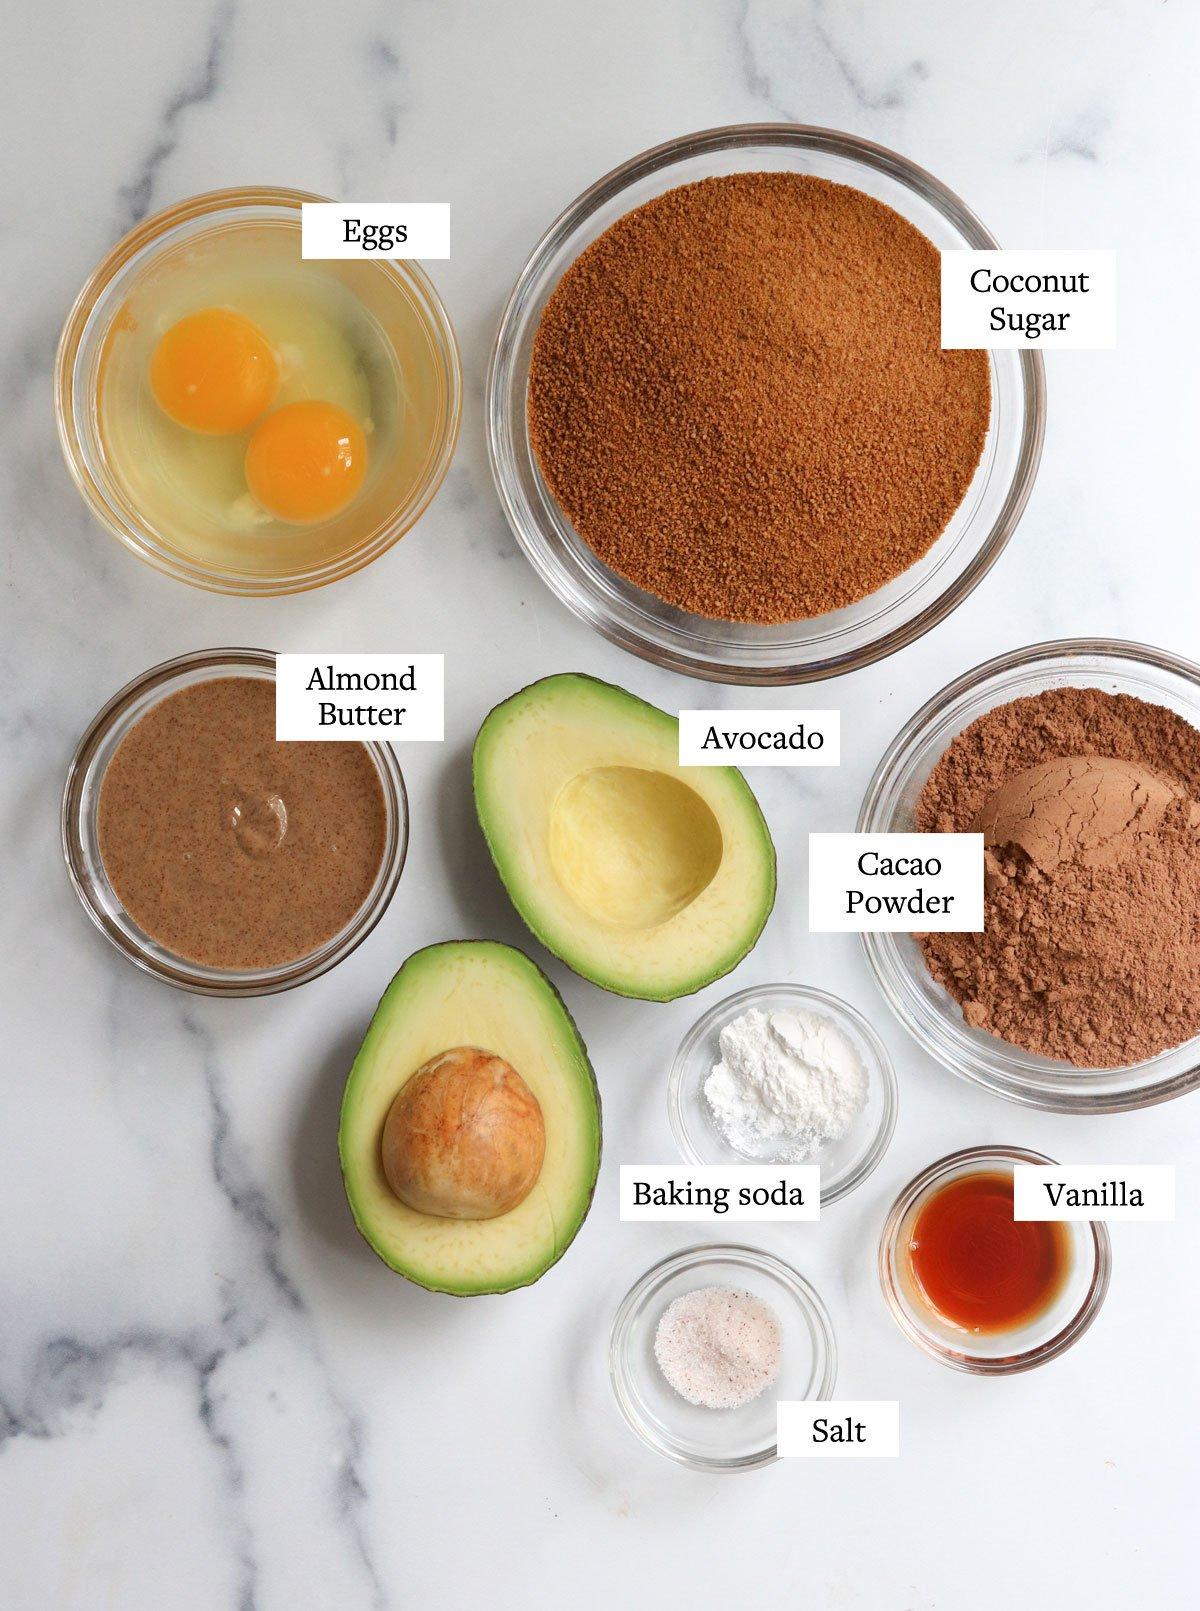 avocado brownie ingredients on marble surface